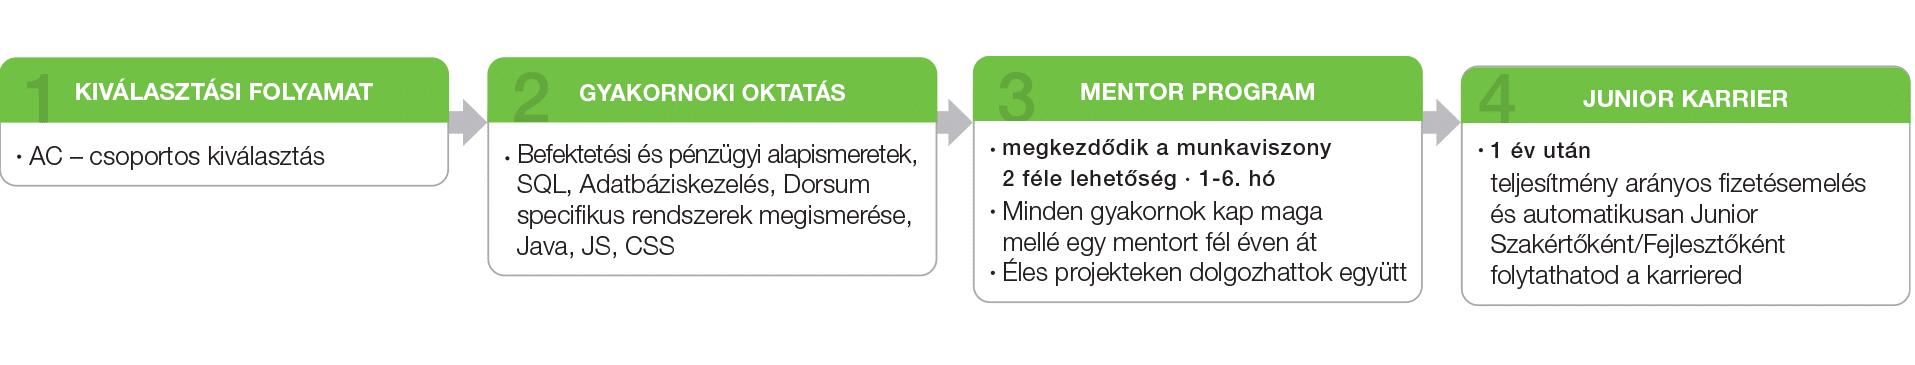 Dorsum - Pályakezdő program